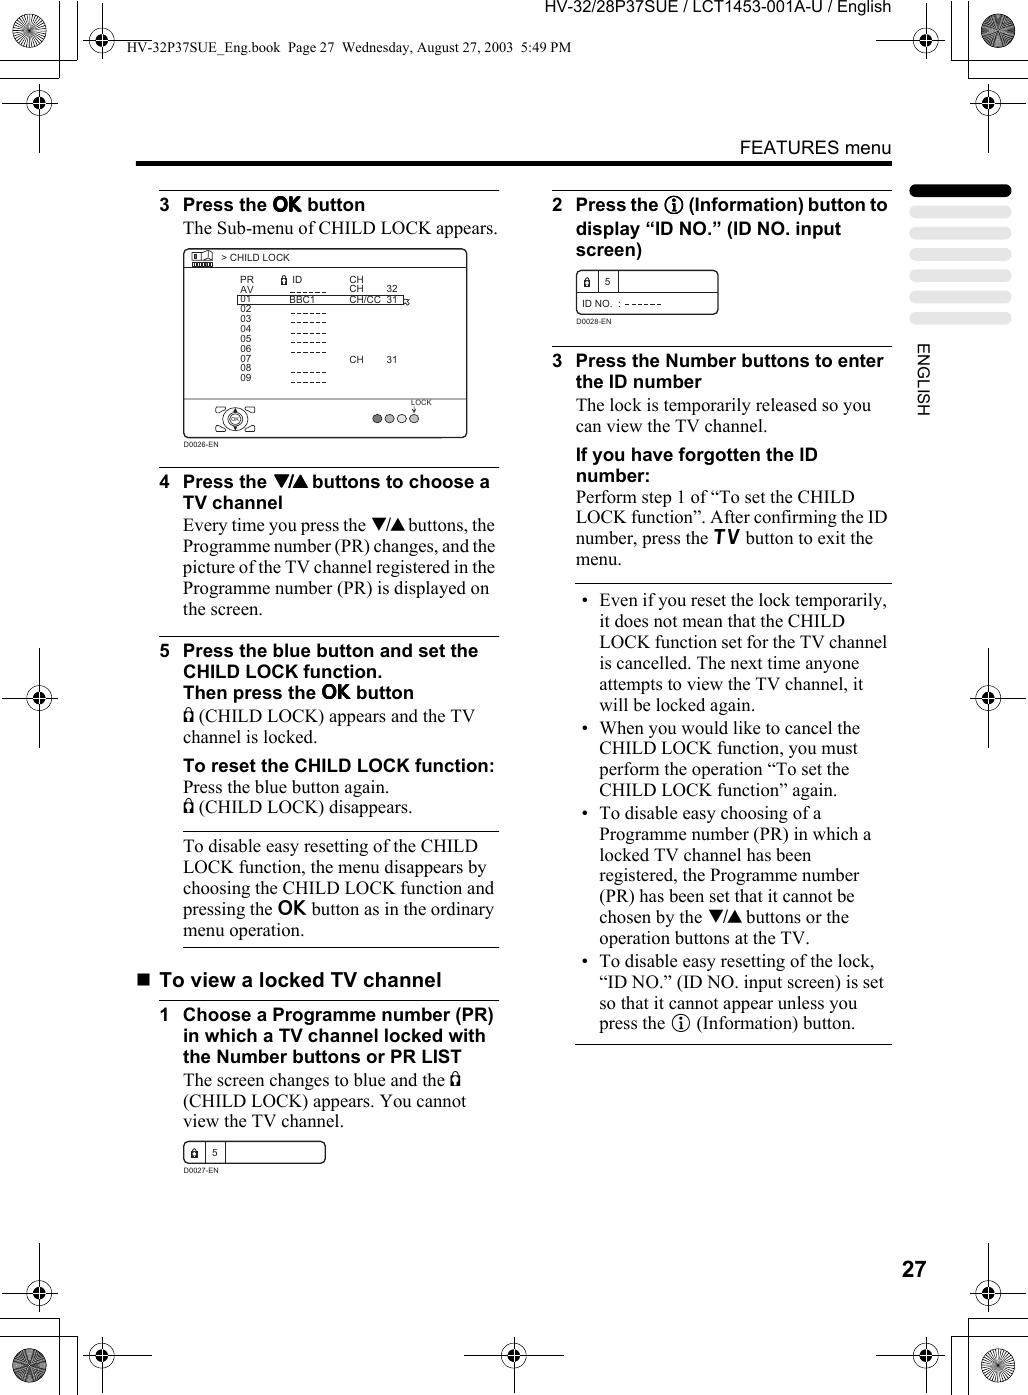 JVC HV 28P37SUE 32P37SUE/HV User Manual 28P37SUE, 32P37SUE